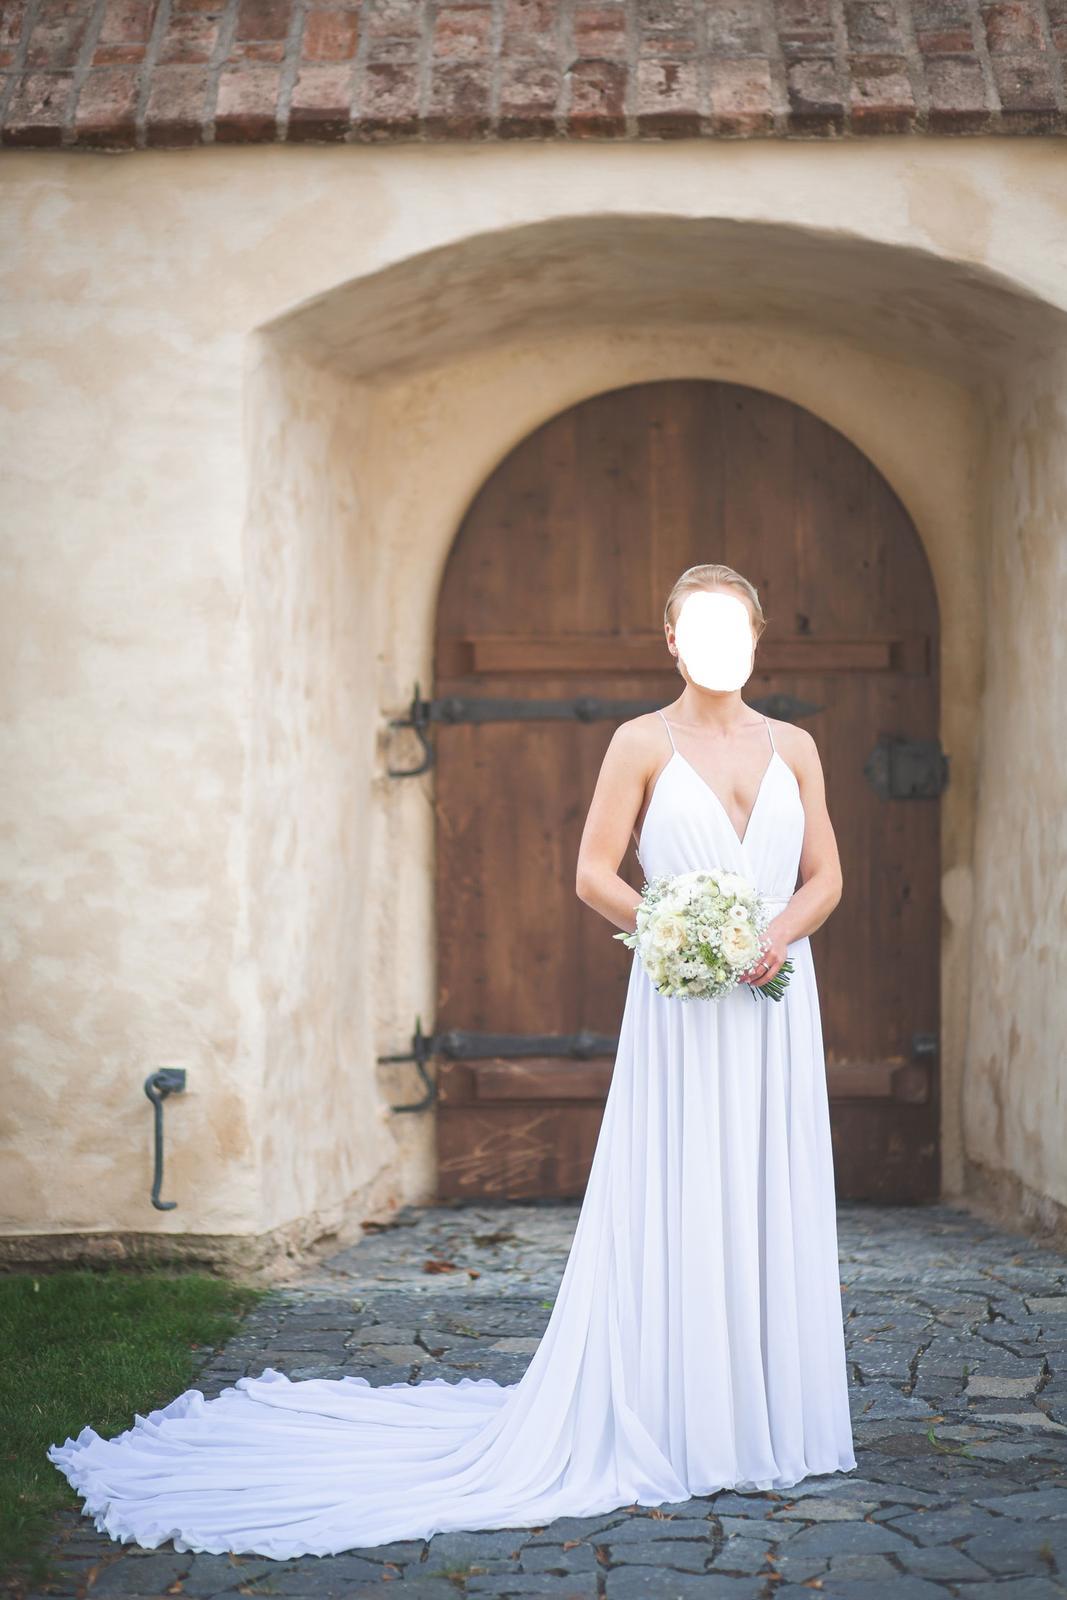 Lehké elegantní svatební šaty - Obrázek č. 1